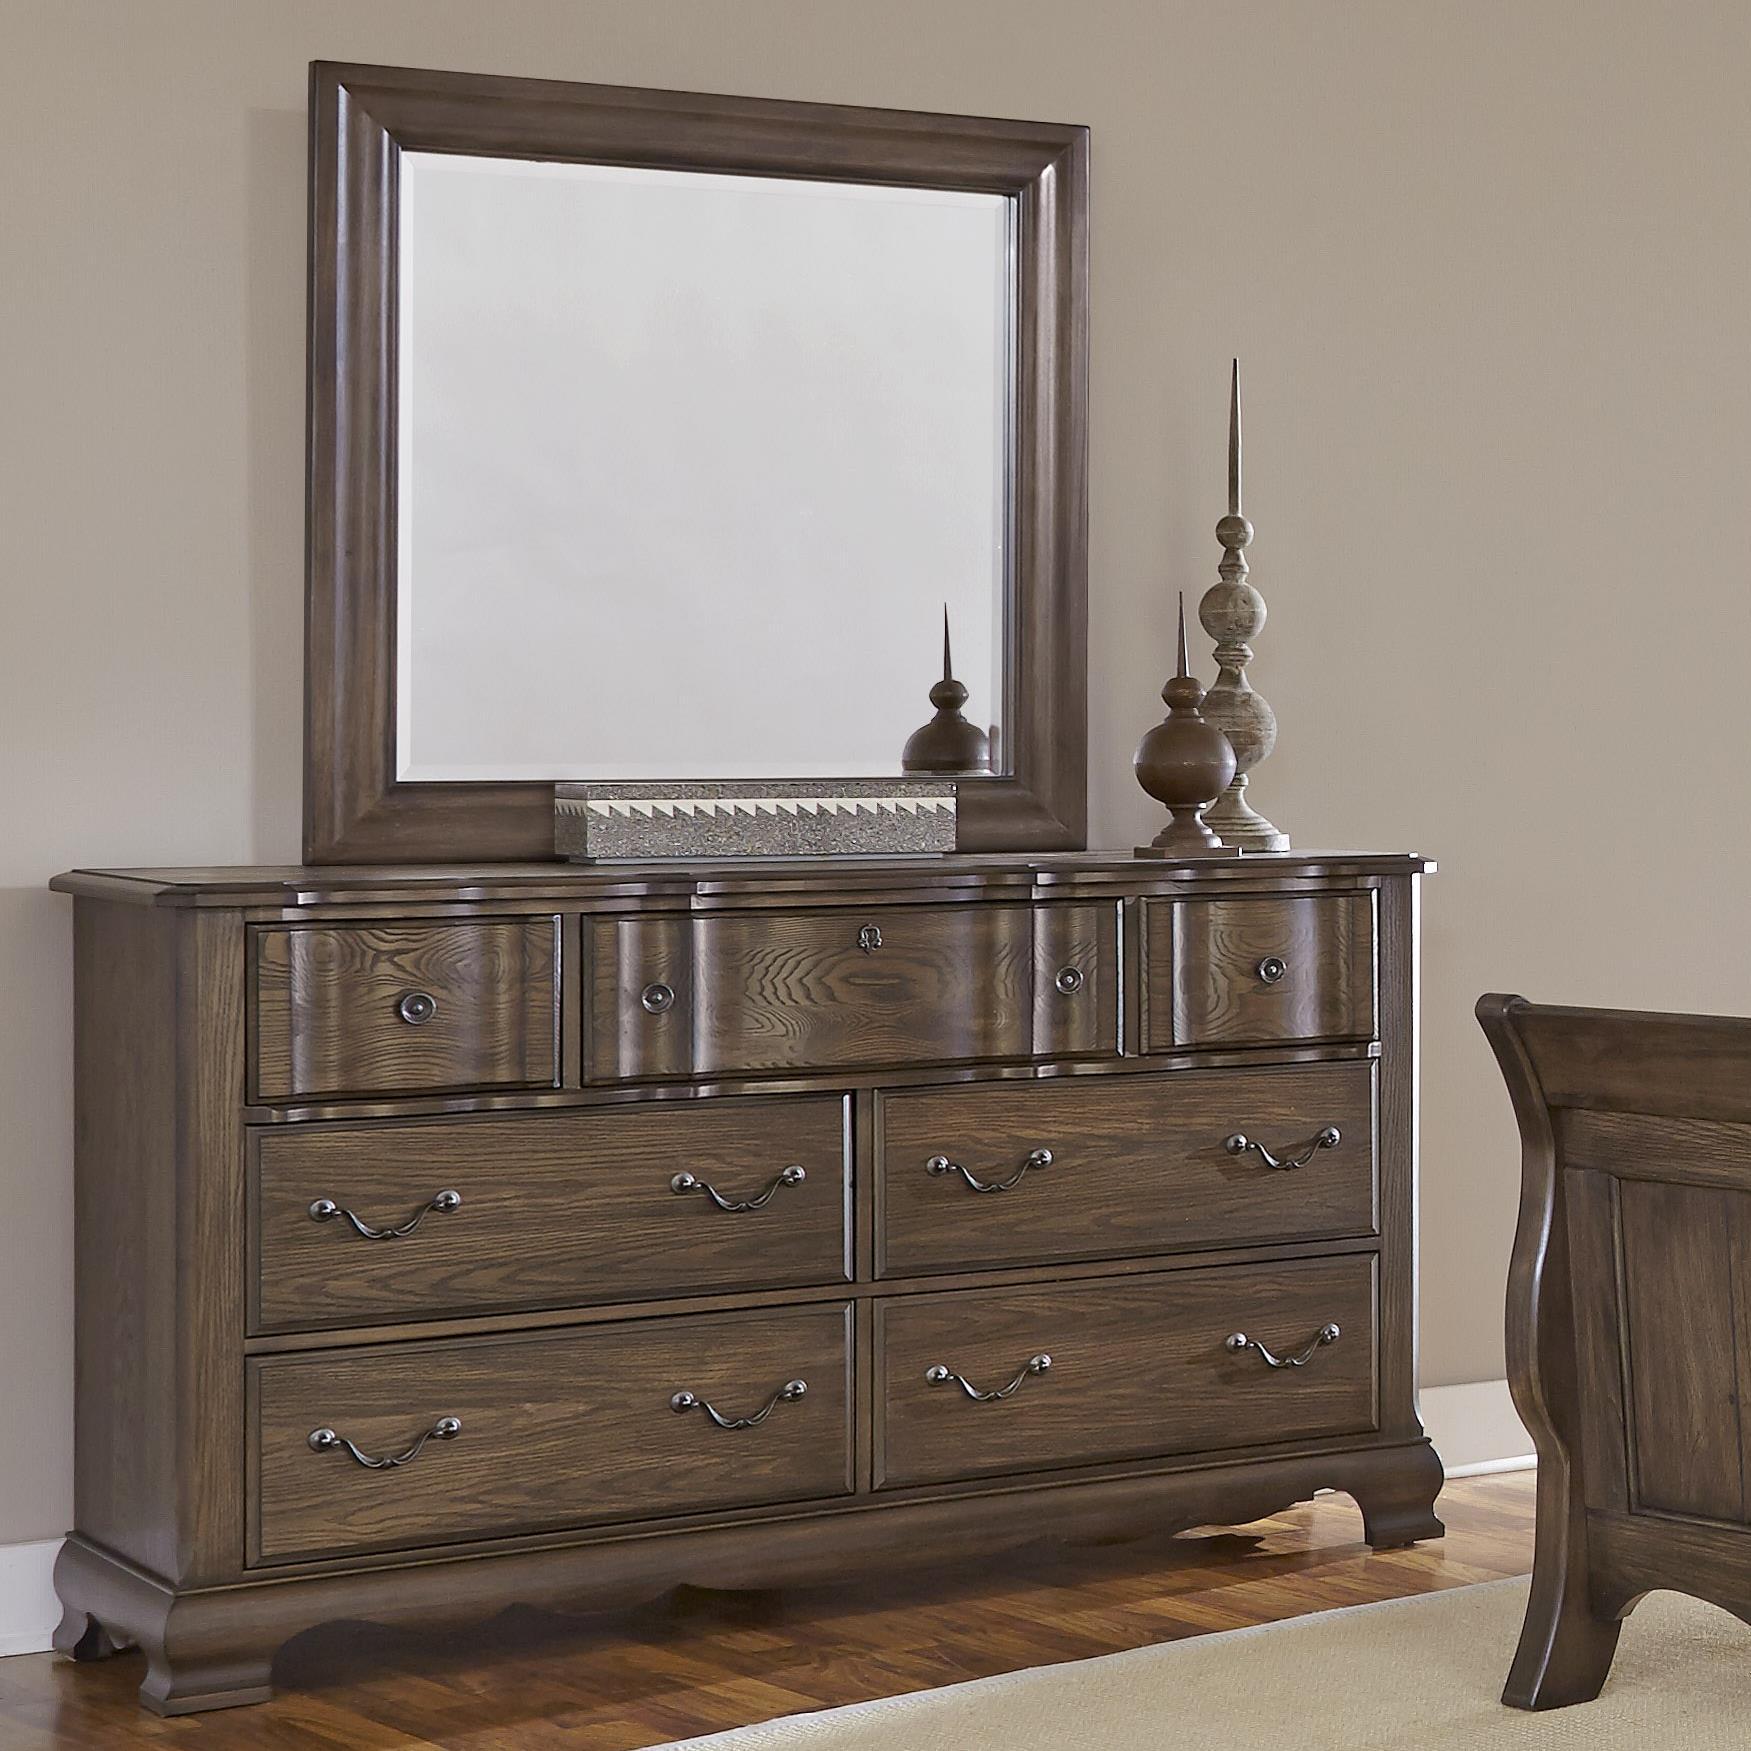 Vaughan Bassett Villa Sophia Dresser & Landscape Mirror - Item Number: 520-002+446